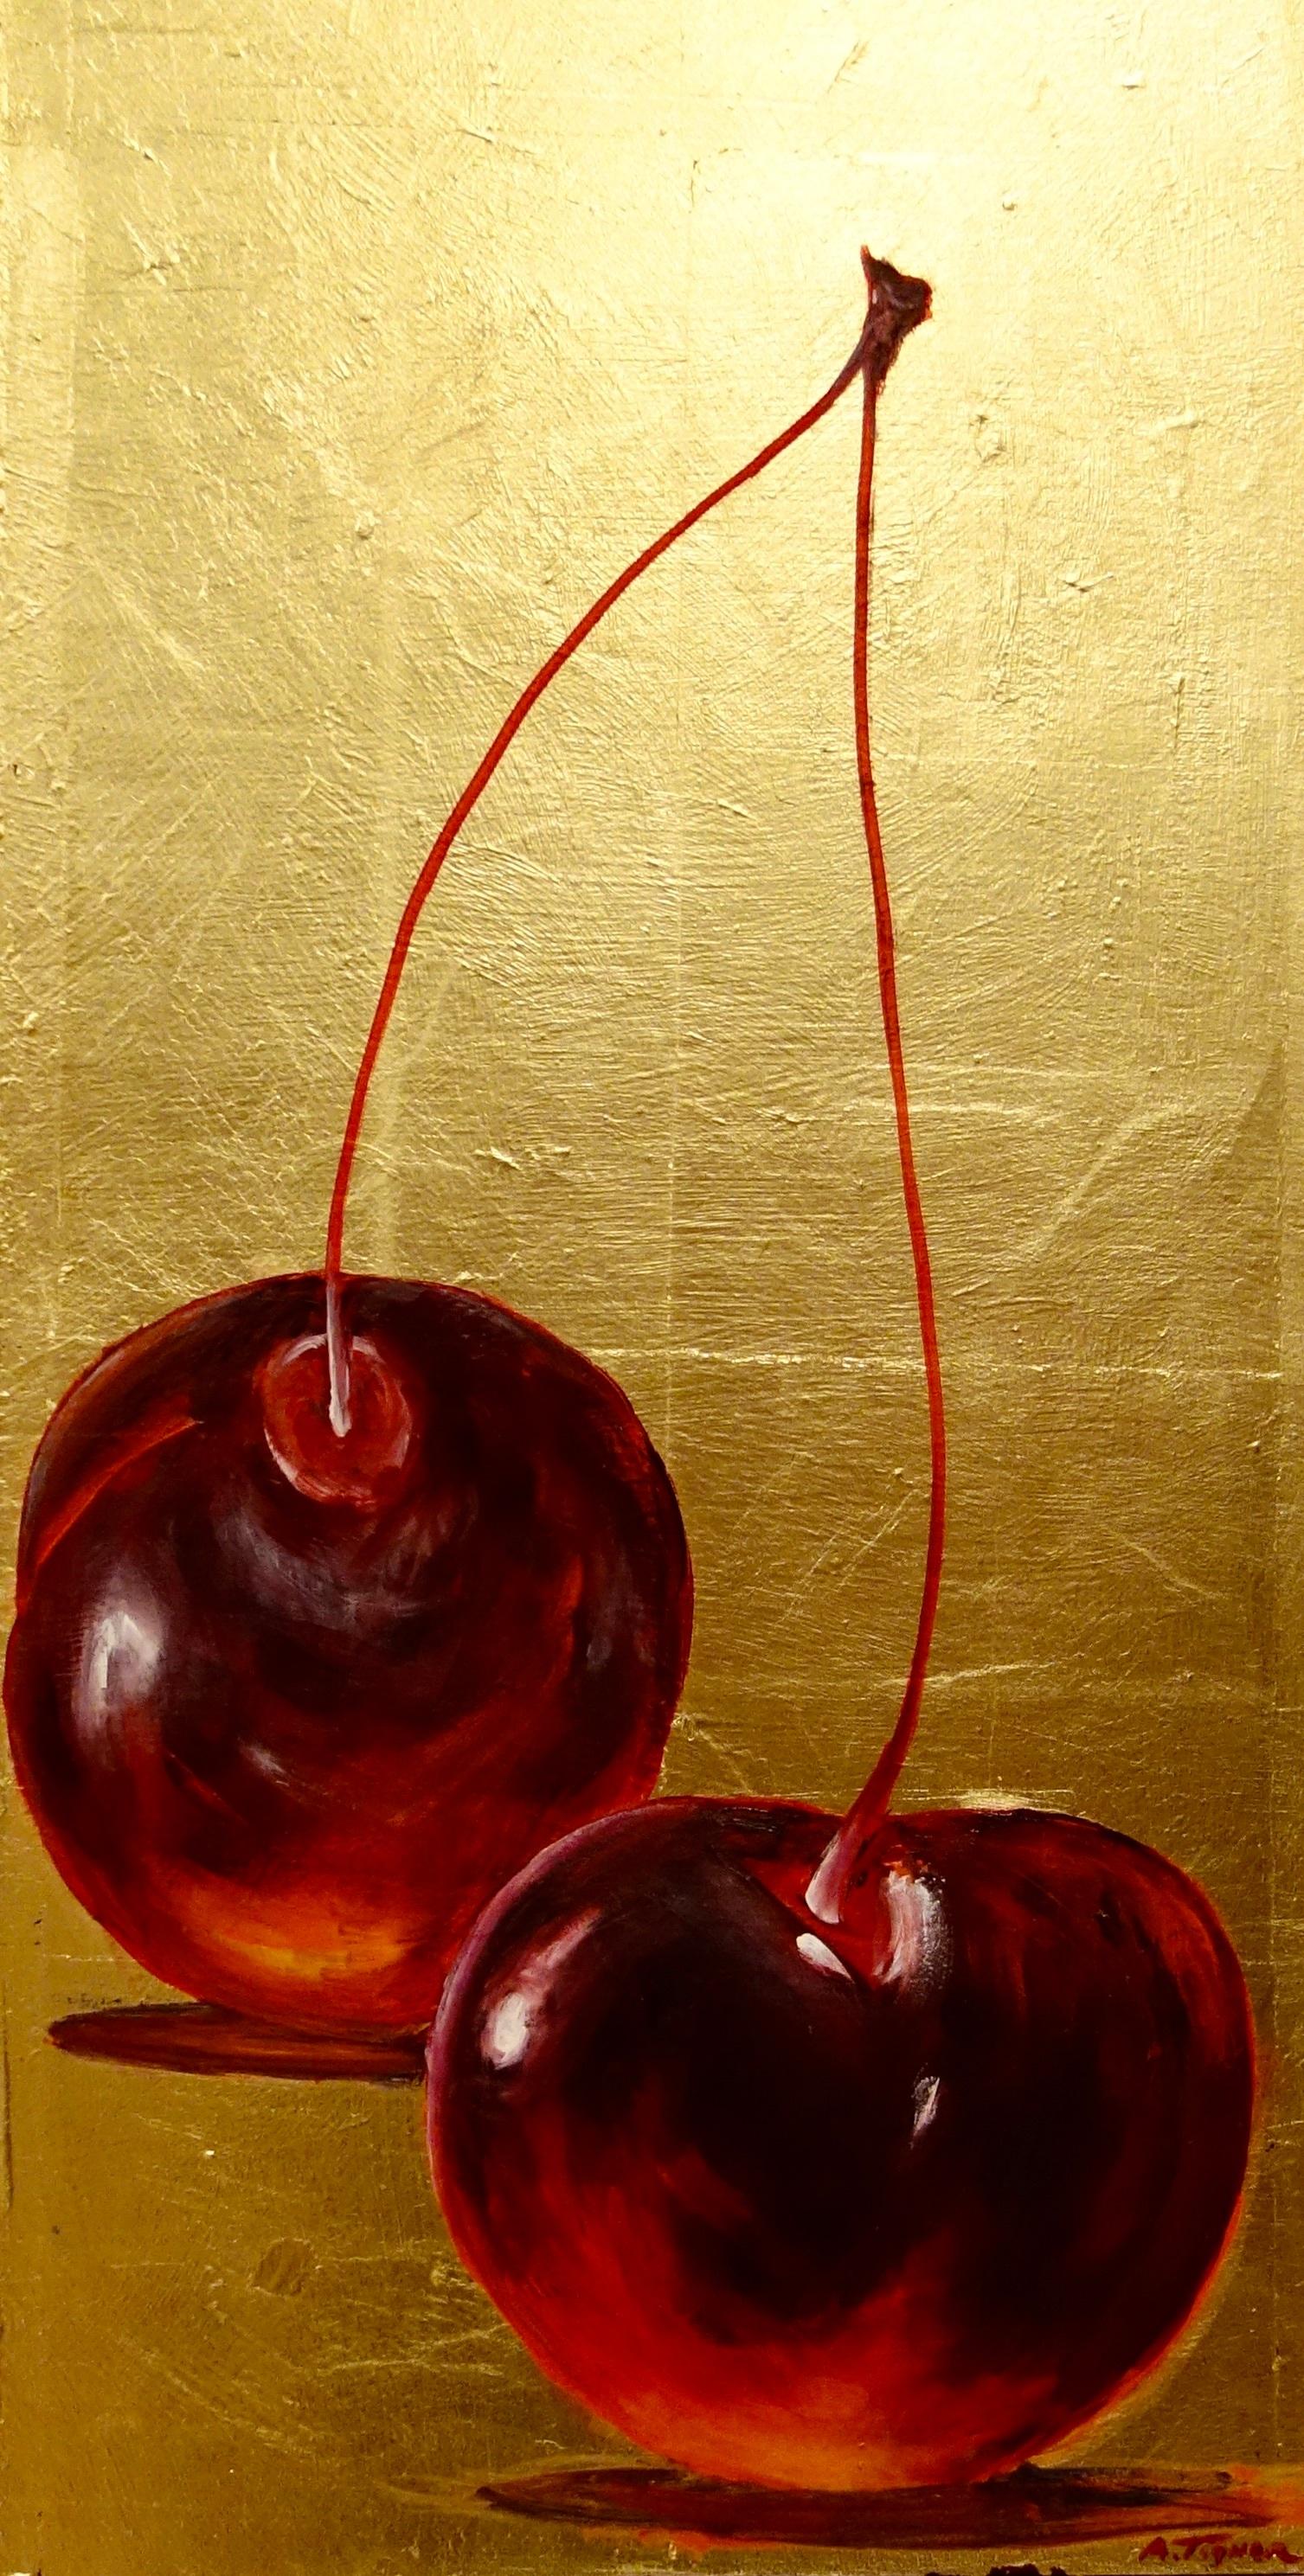 Double cherry hvcb88